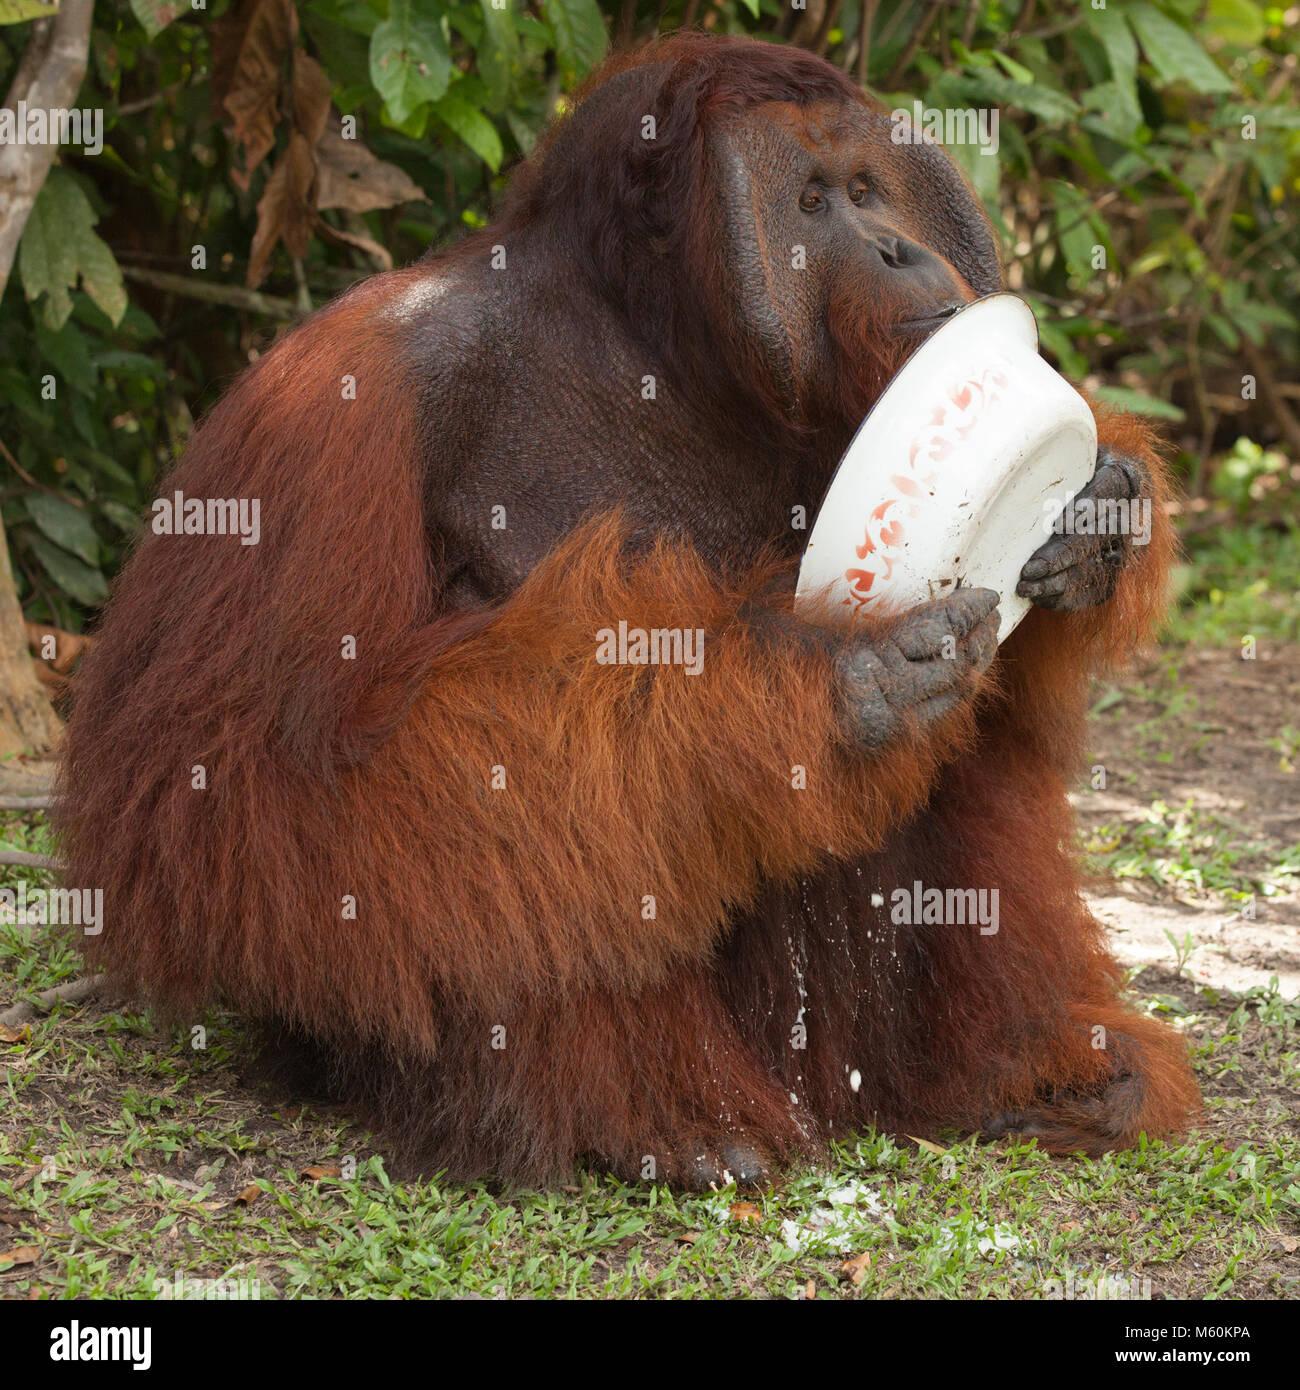 Orangután salvaje macho dominante (Pongo pygmaeus) comer alimentos suplementarios proporcionados en Camp Leakey Imagen De Stock